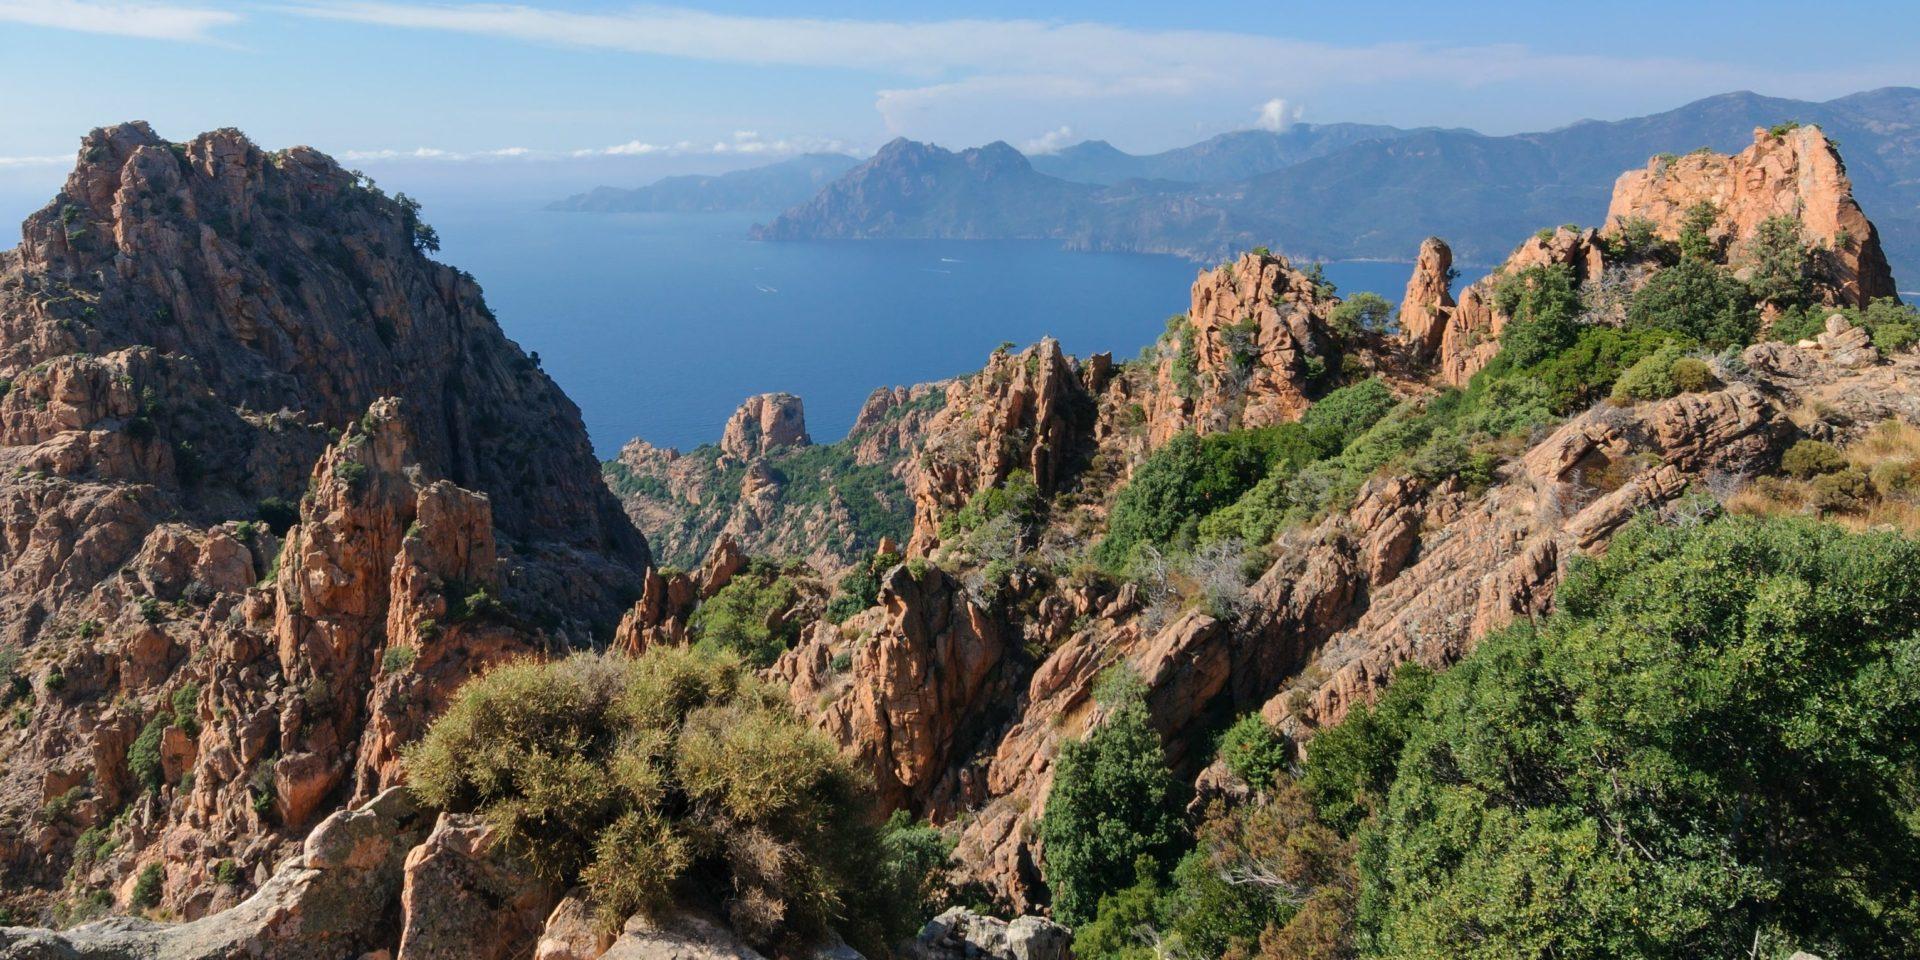 Calanques de Piana Corsica Frankrijk baai zee maquis